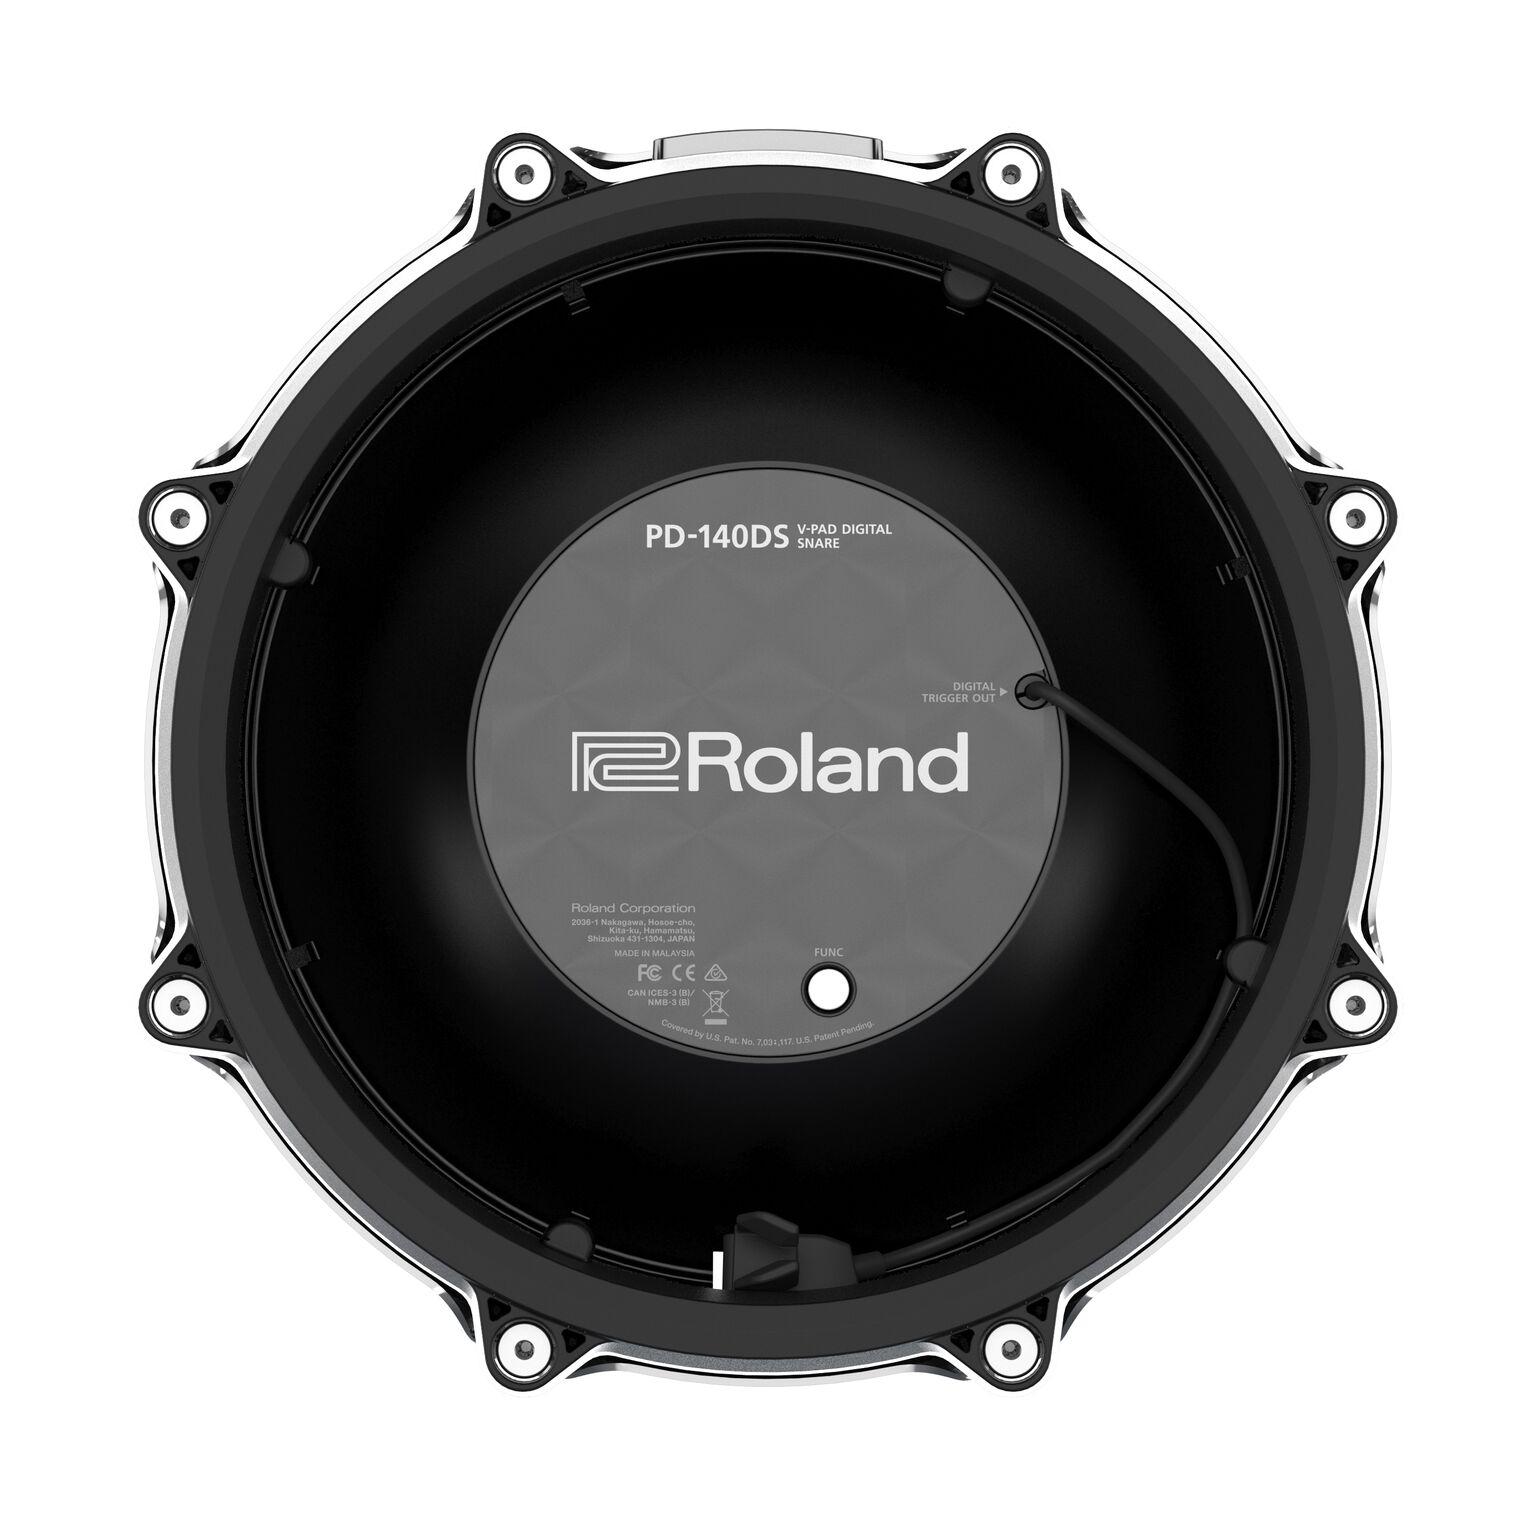 Roland PD-140DS 14